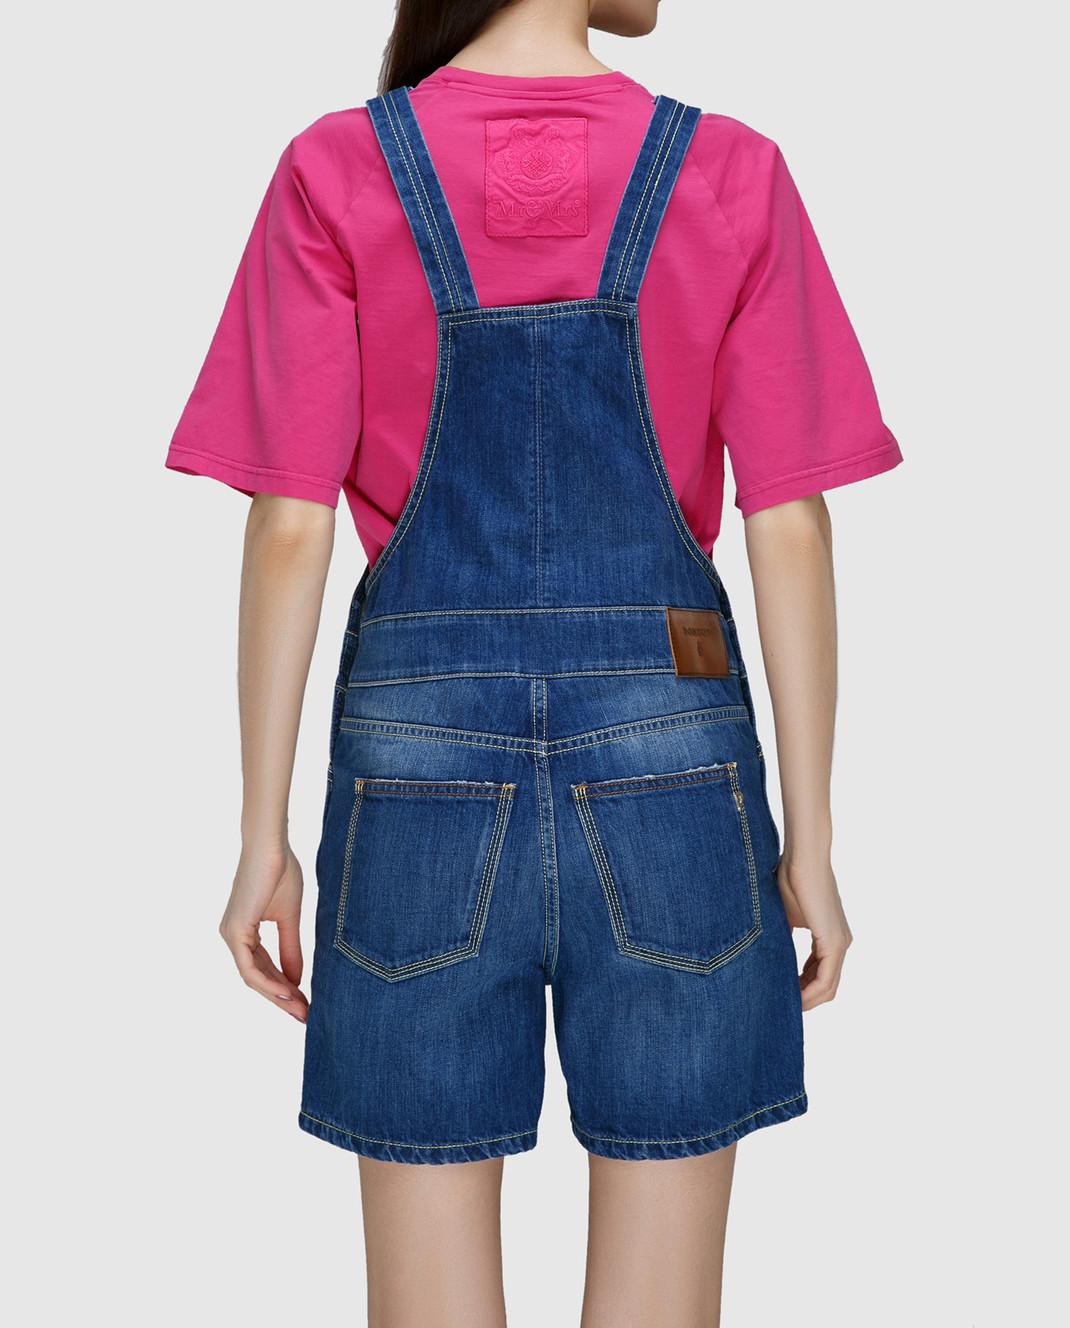 Dondup Синий джинсовый комбинезон DP229 изображение 4